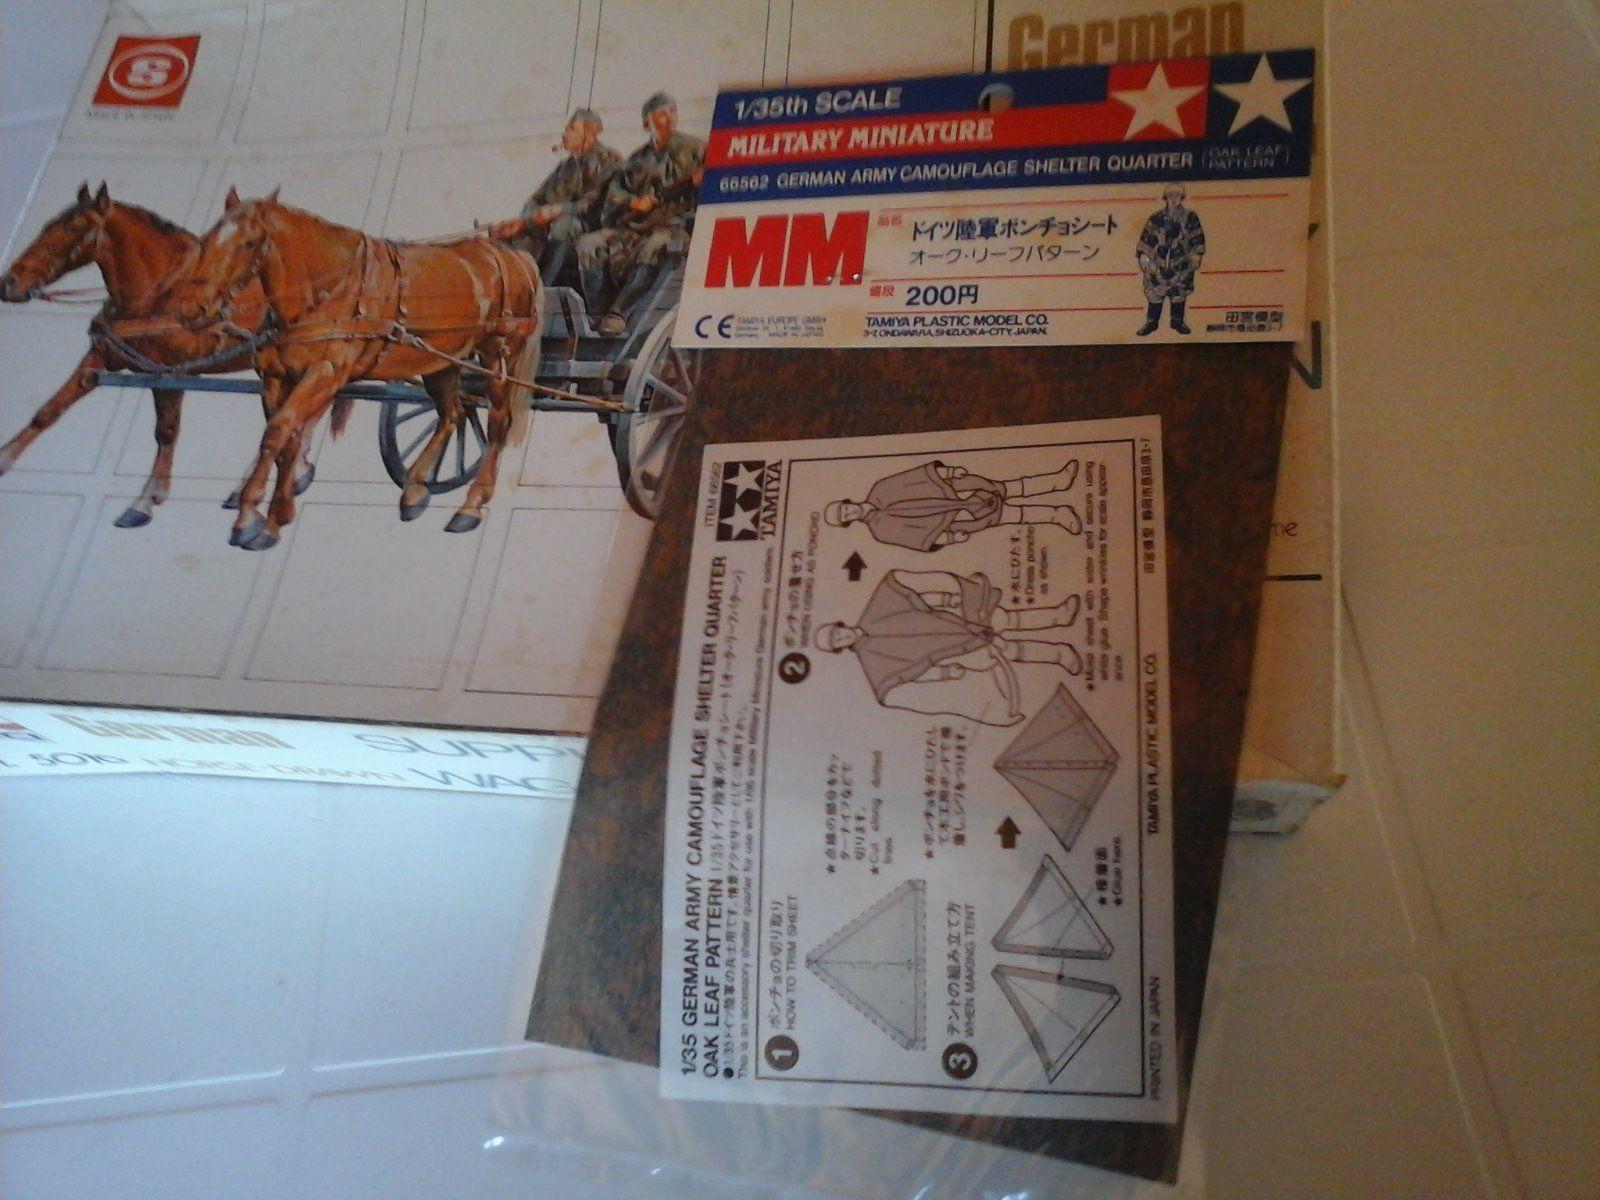 GERMAN HORSE-DRAWN SUPPLY WAGON W.W.II FRANCE FRANCE FRANCE 1940 1/35 SCALE ESCI CAMOUFLAGE | Extravagant  147046